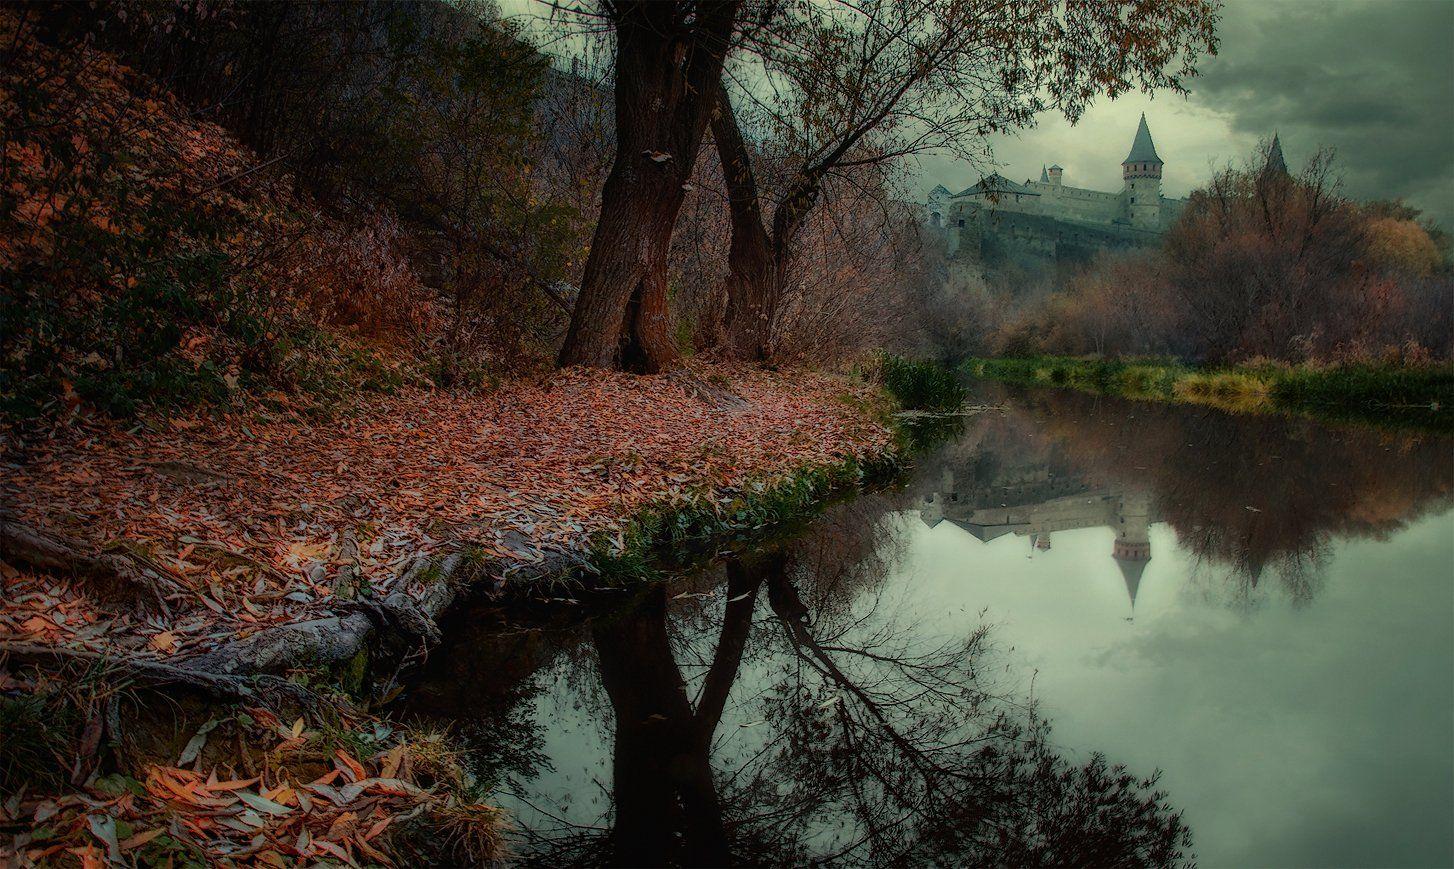 Дерево, Замок, Золотая осень, Каменец-Подольский, Непогода, Отражение, Река, Смотрич, Туман, Тучи, Андрей Кобыща